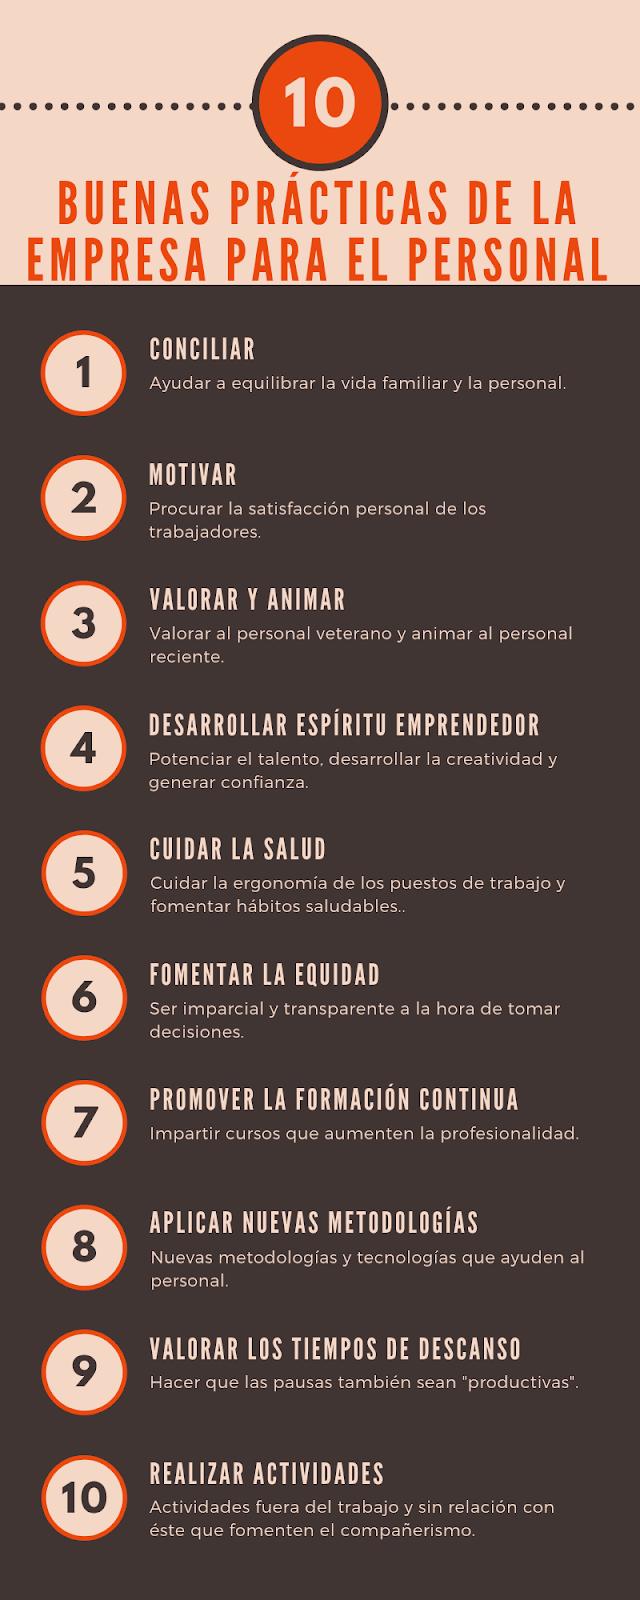 10 buenas prácticas de la empresa para el personal